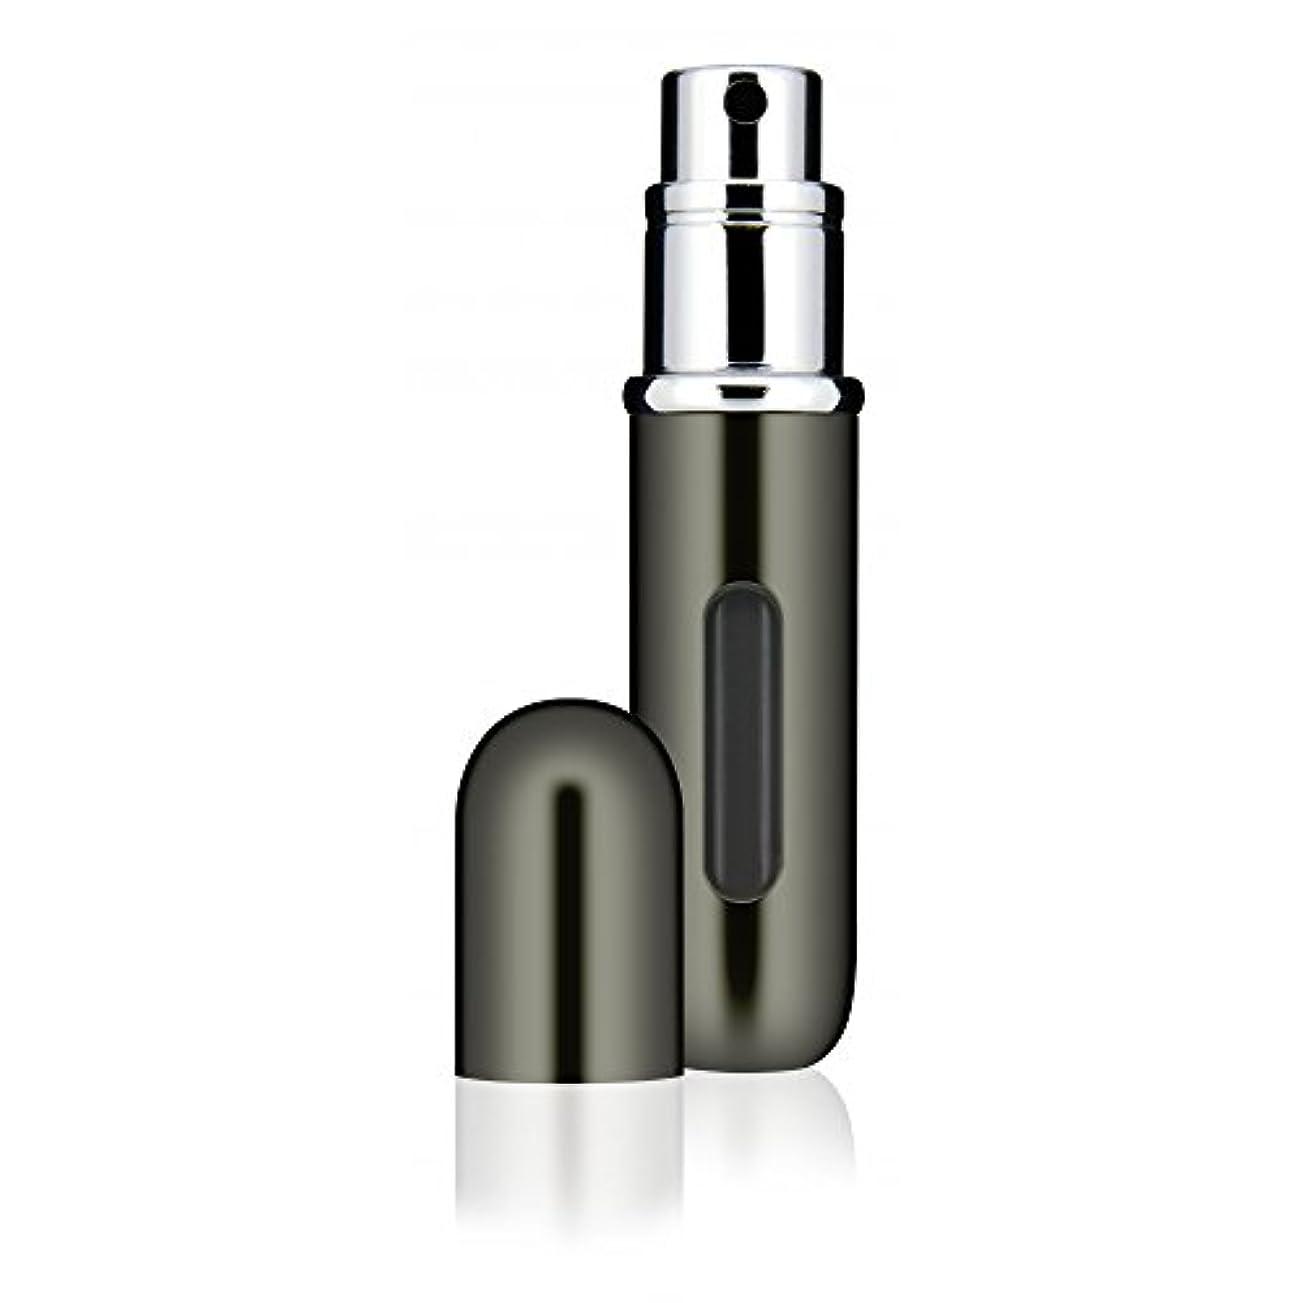 グレード窓を洗う狂った香水 アトマイザー Travalo Classic トラヴァーロ クラシック 香水10秒チャージ 香水スプレー (チタン)